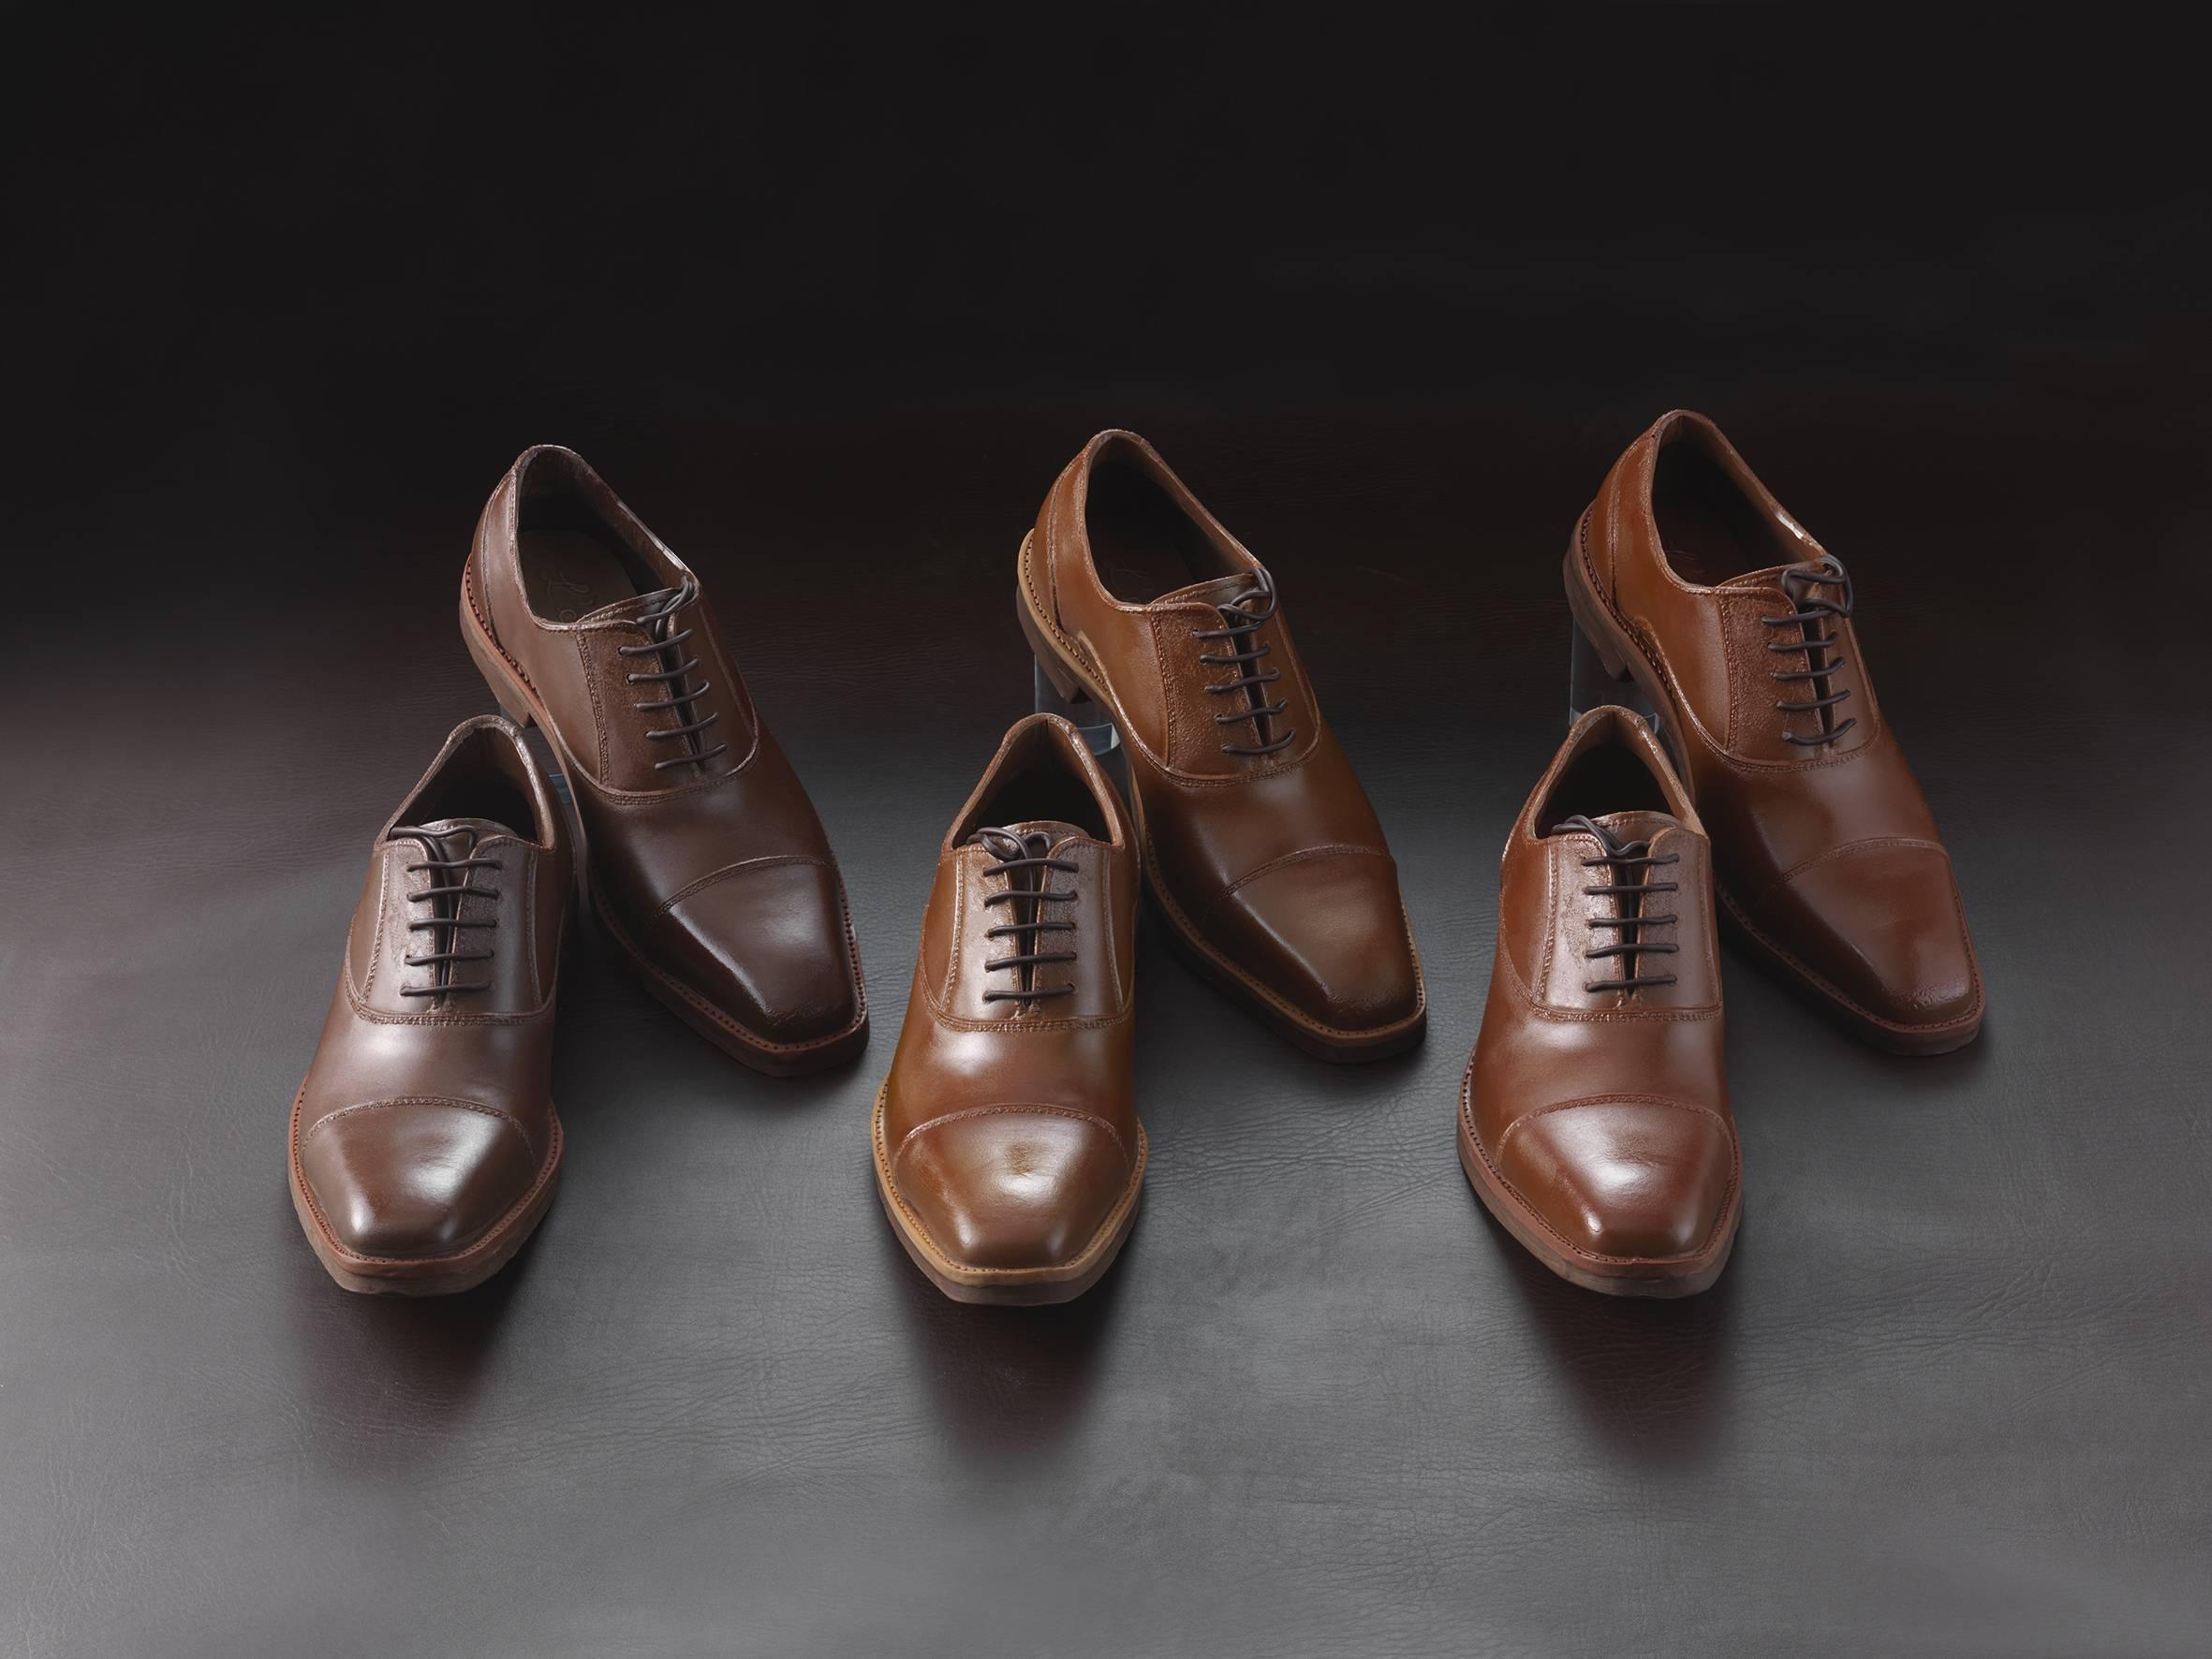 Vere scarpe? No, sono fatte di cioccolata: l'incredibile realismo di un pasticcere